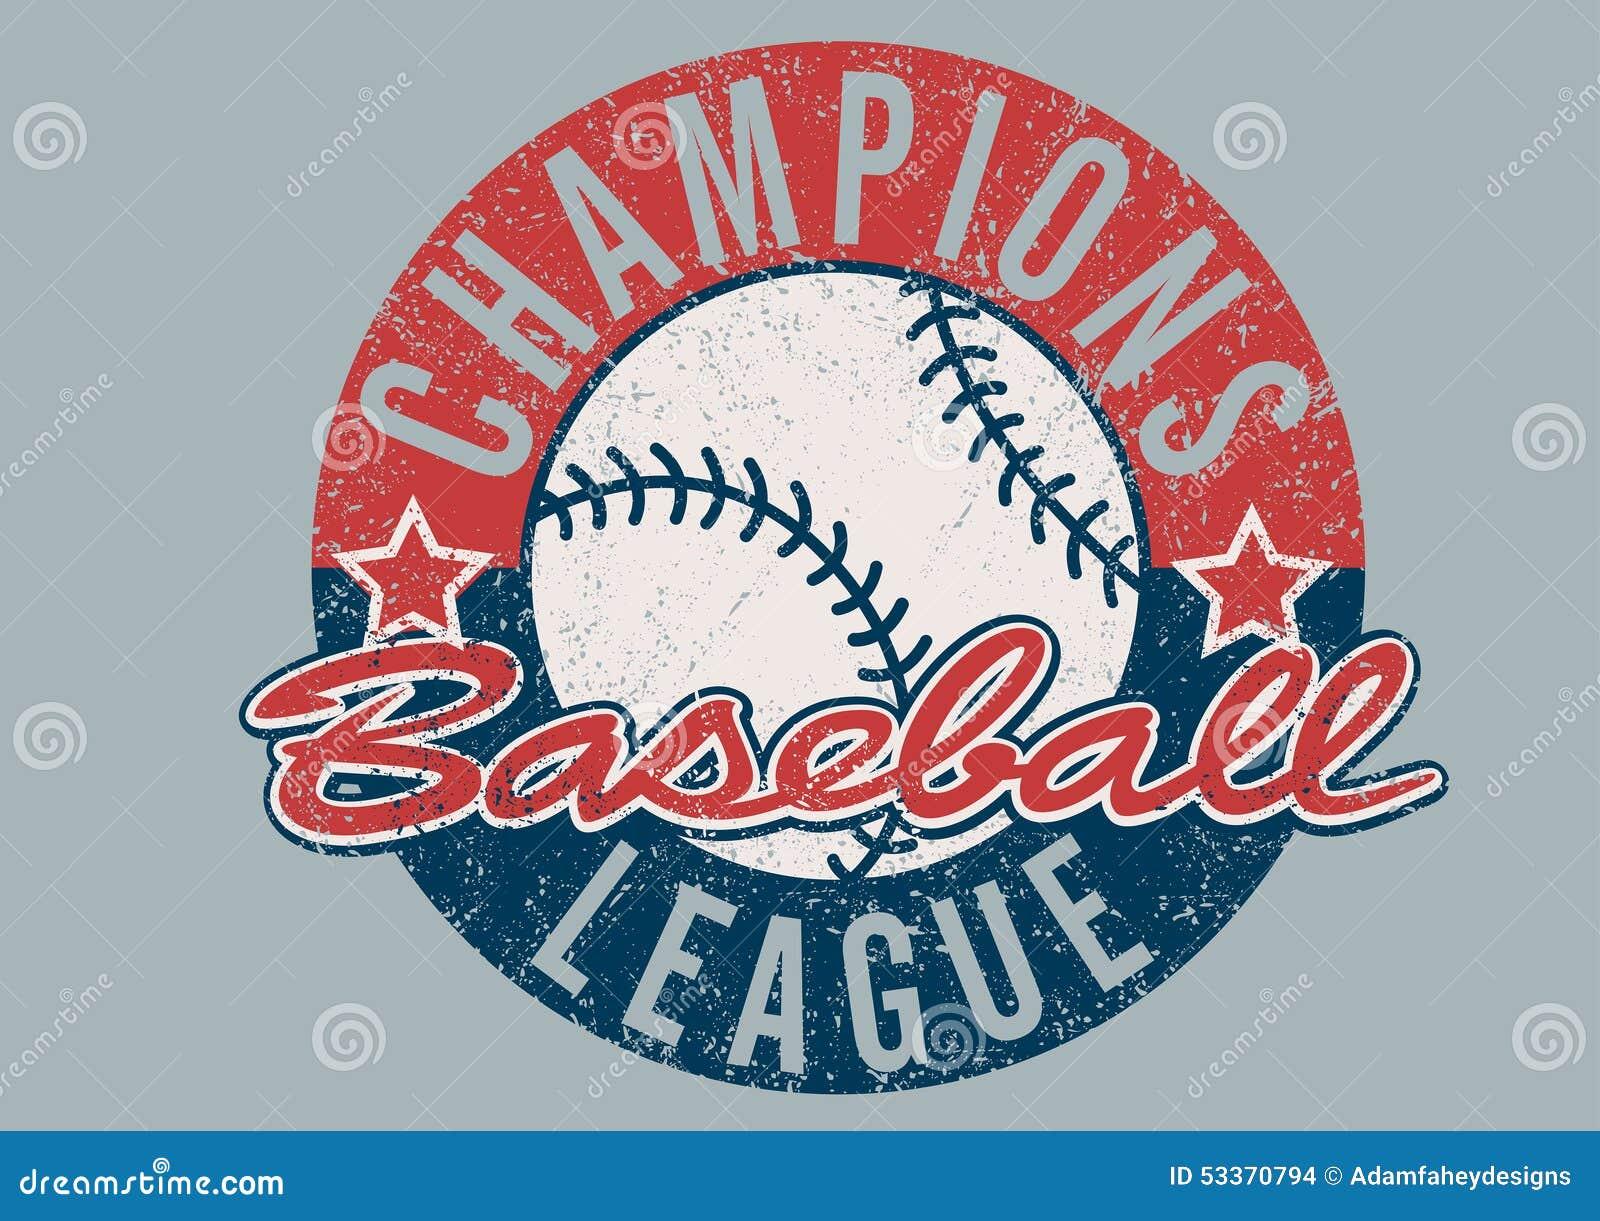 Baseball Wstawia się liga martwiącego druk